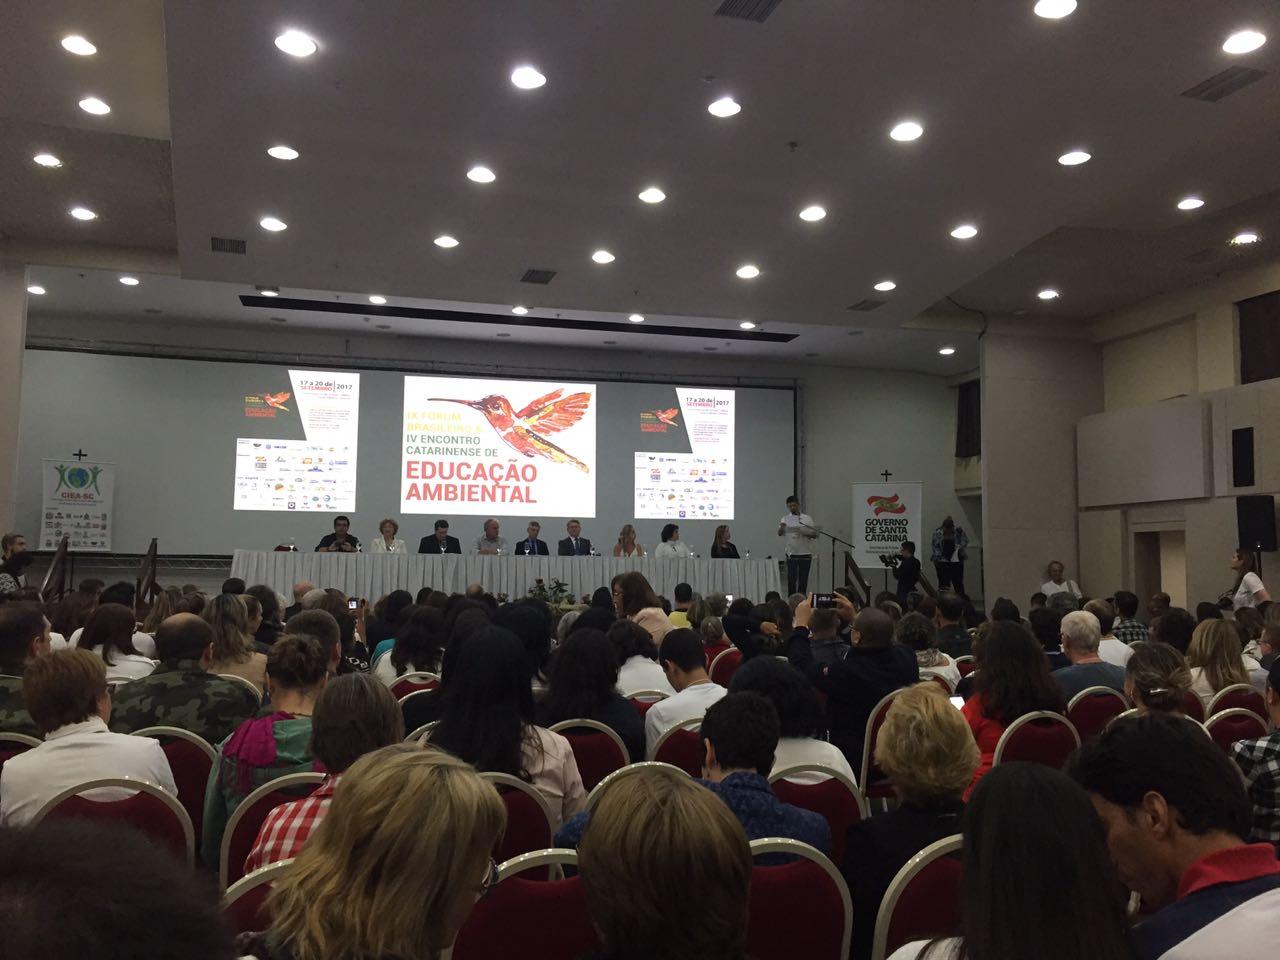 SC sedia congresso sobre educação ambiental